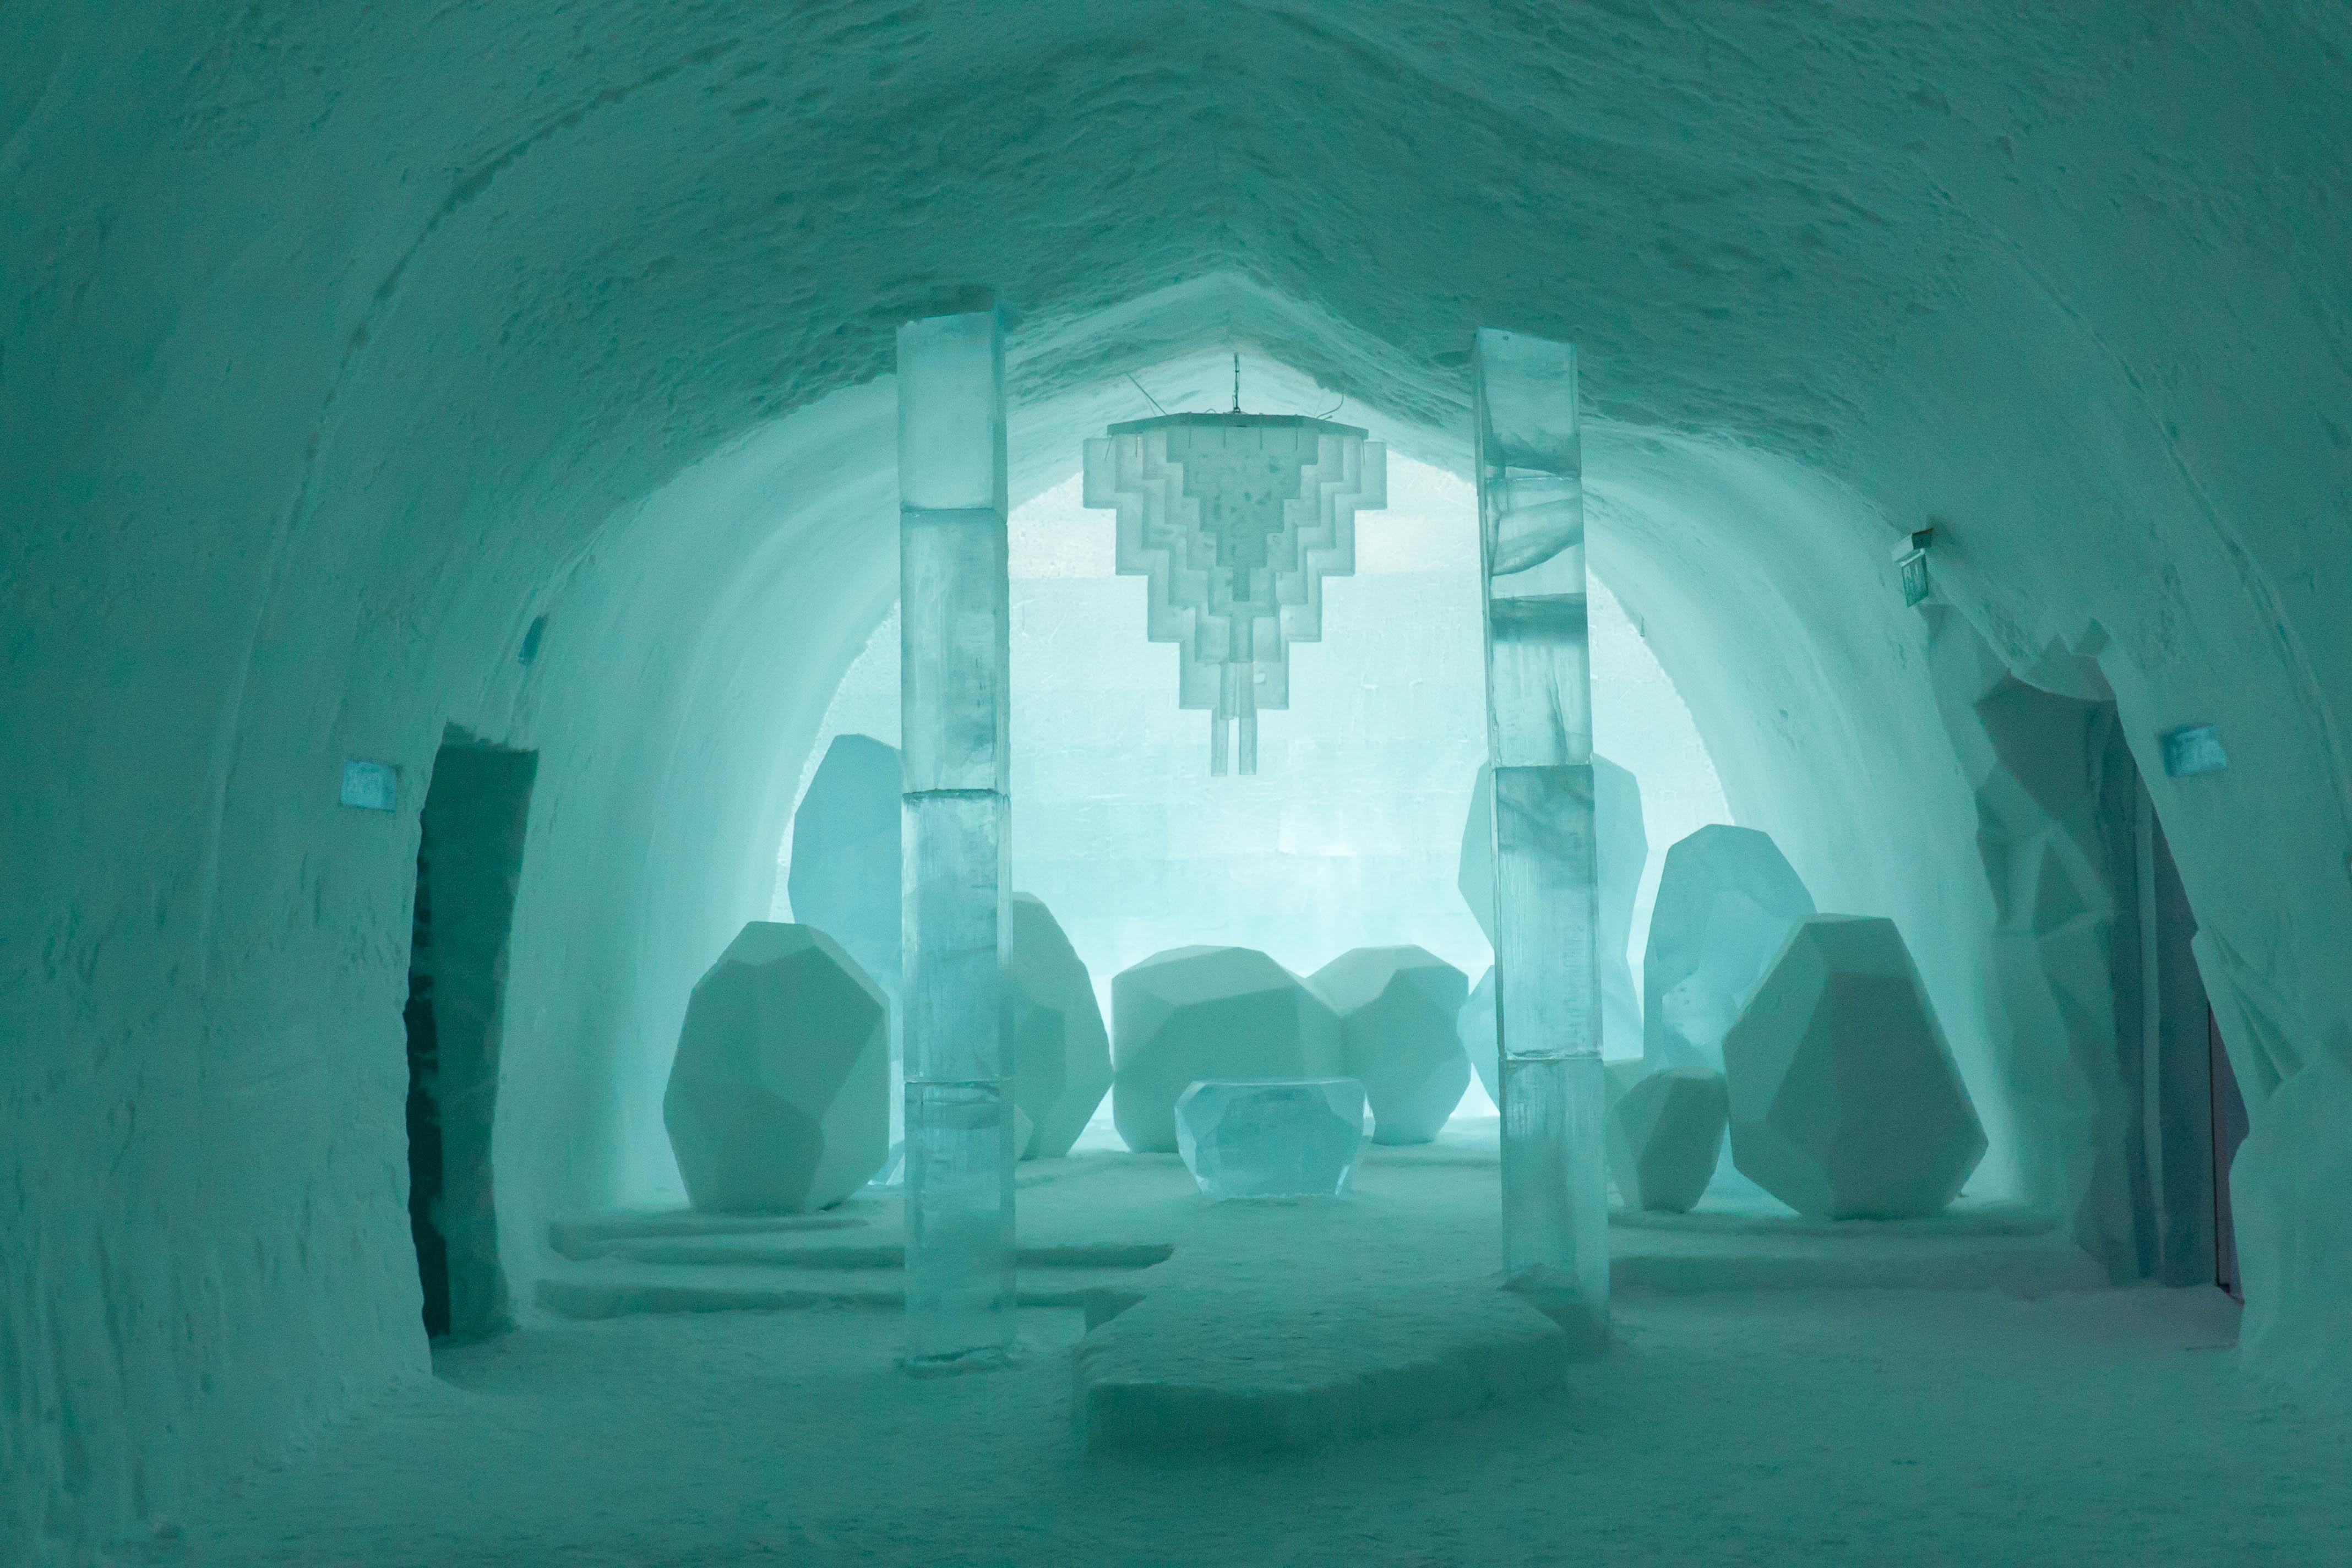 Icehotel in Jukkasjärvi